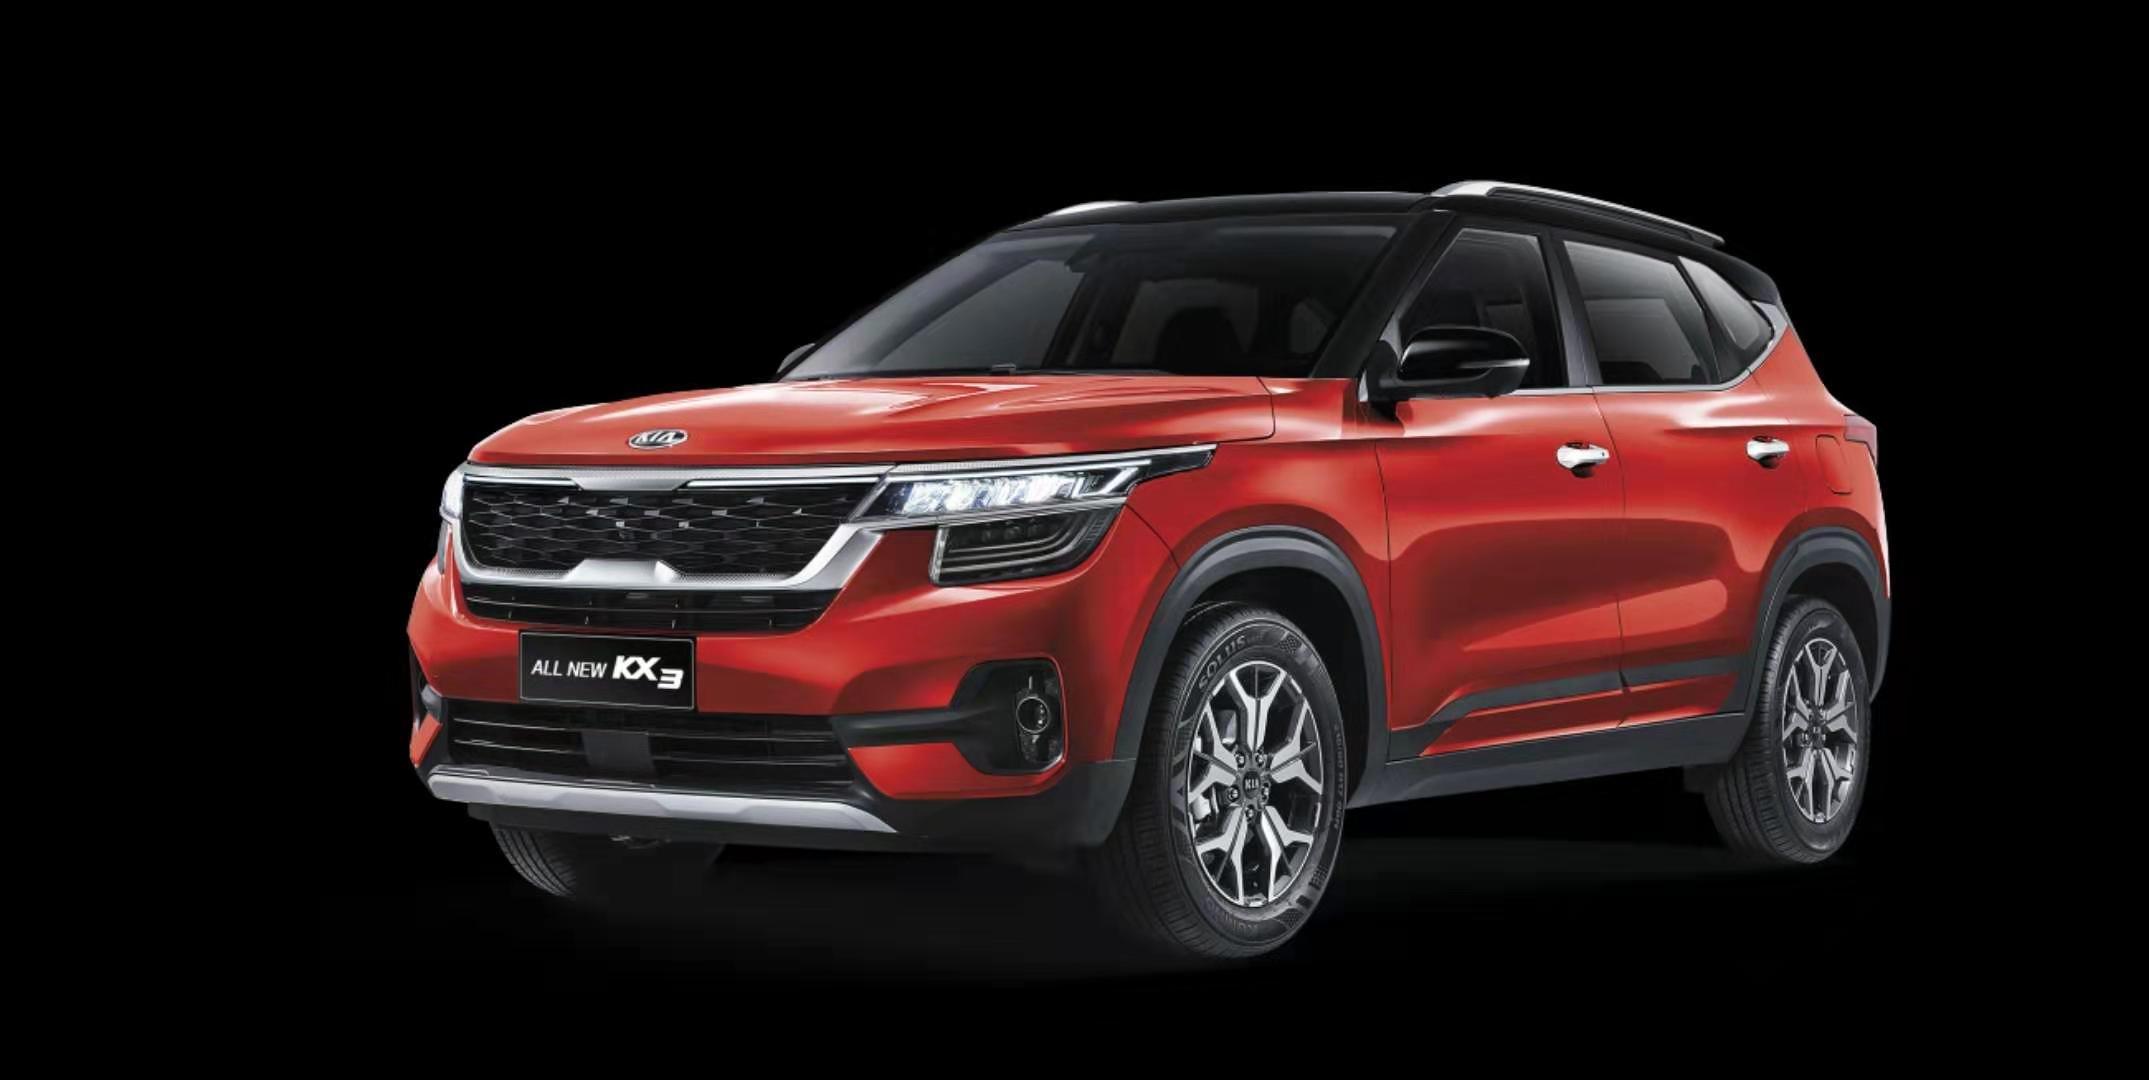 2020-kia-kx3-china-seltos-6